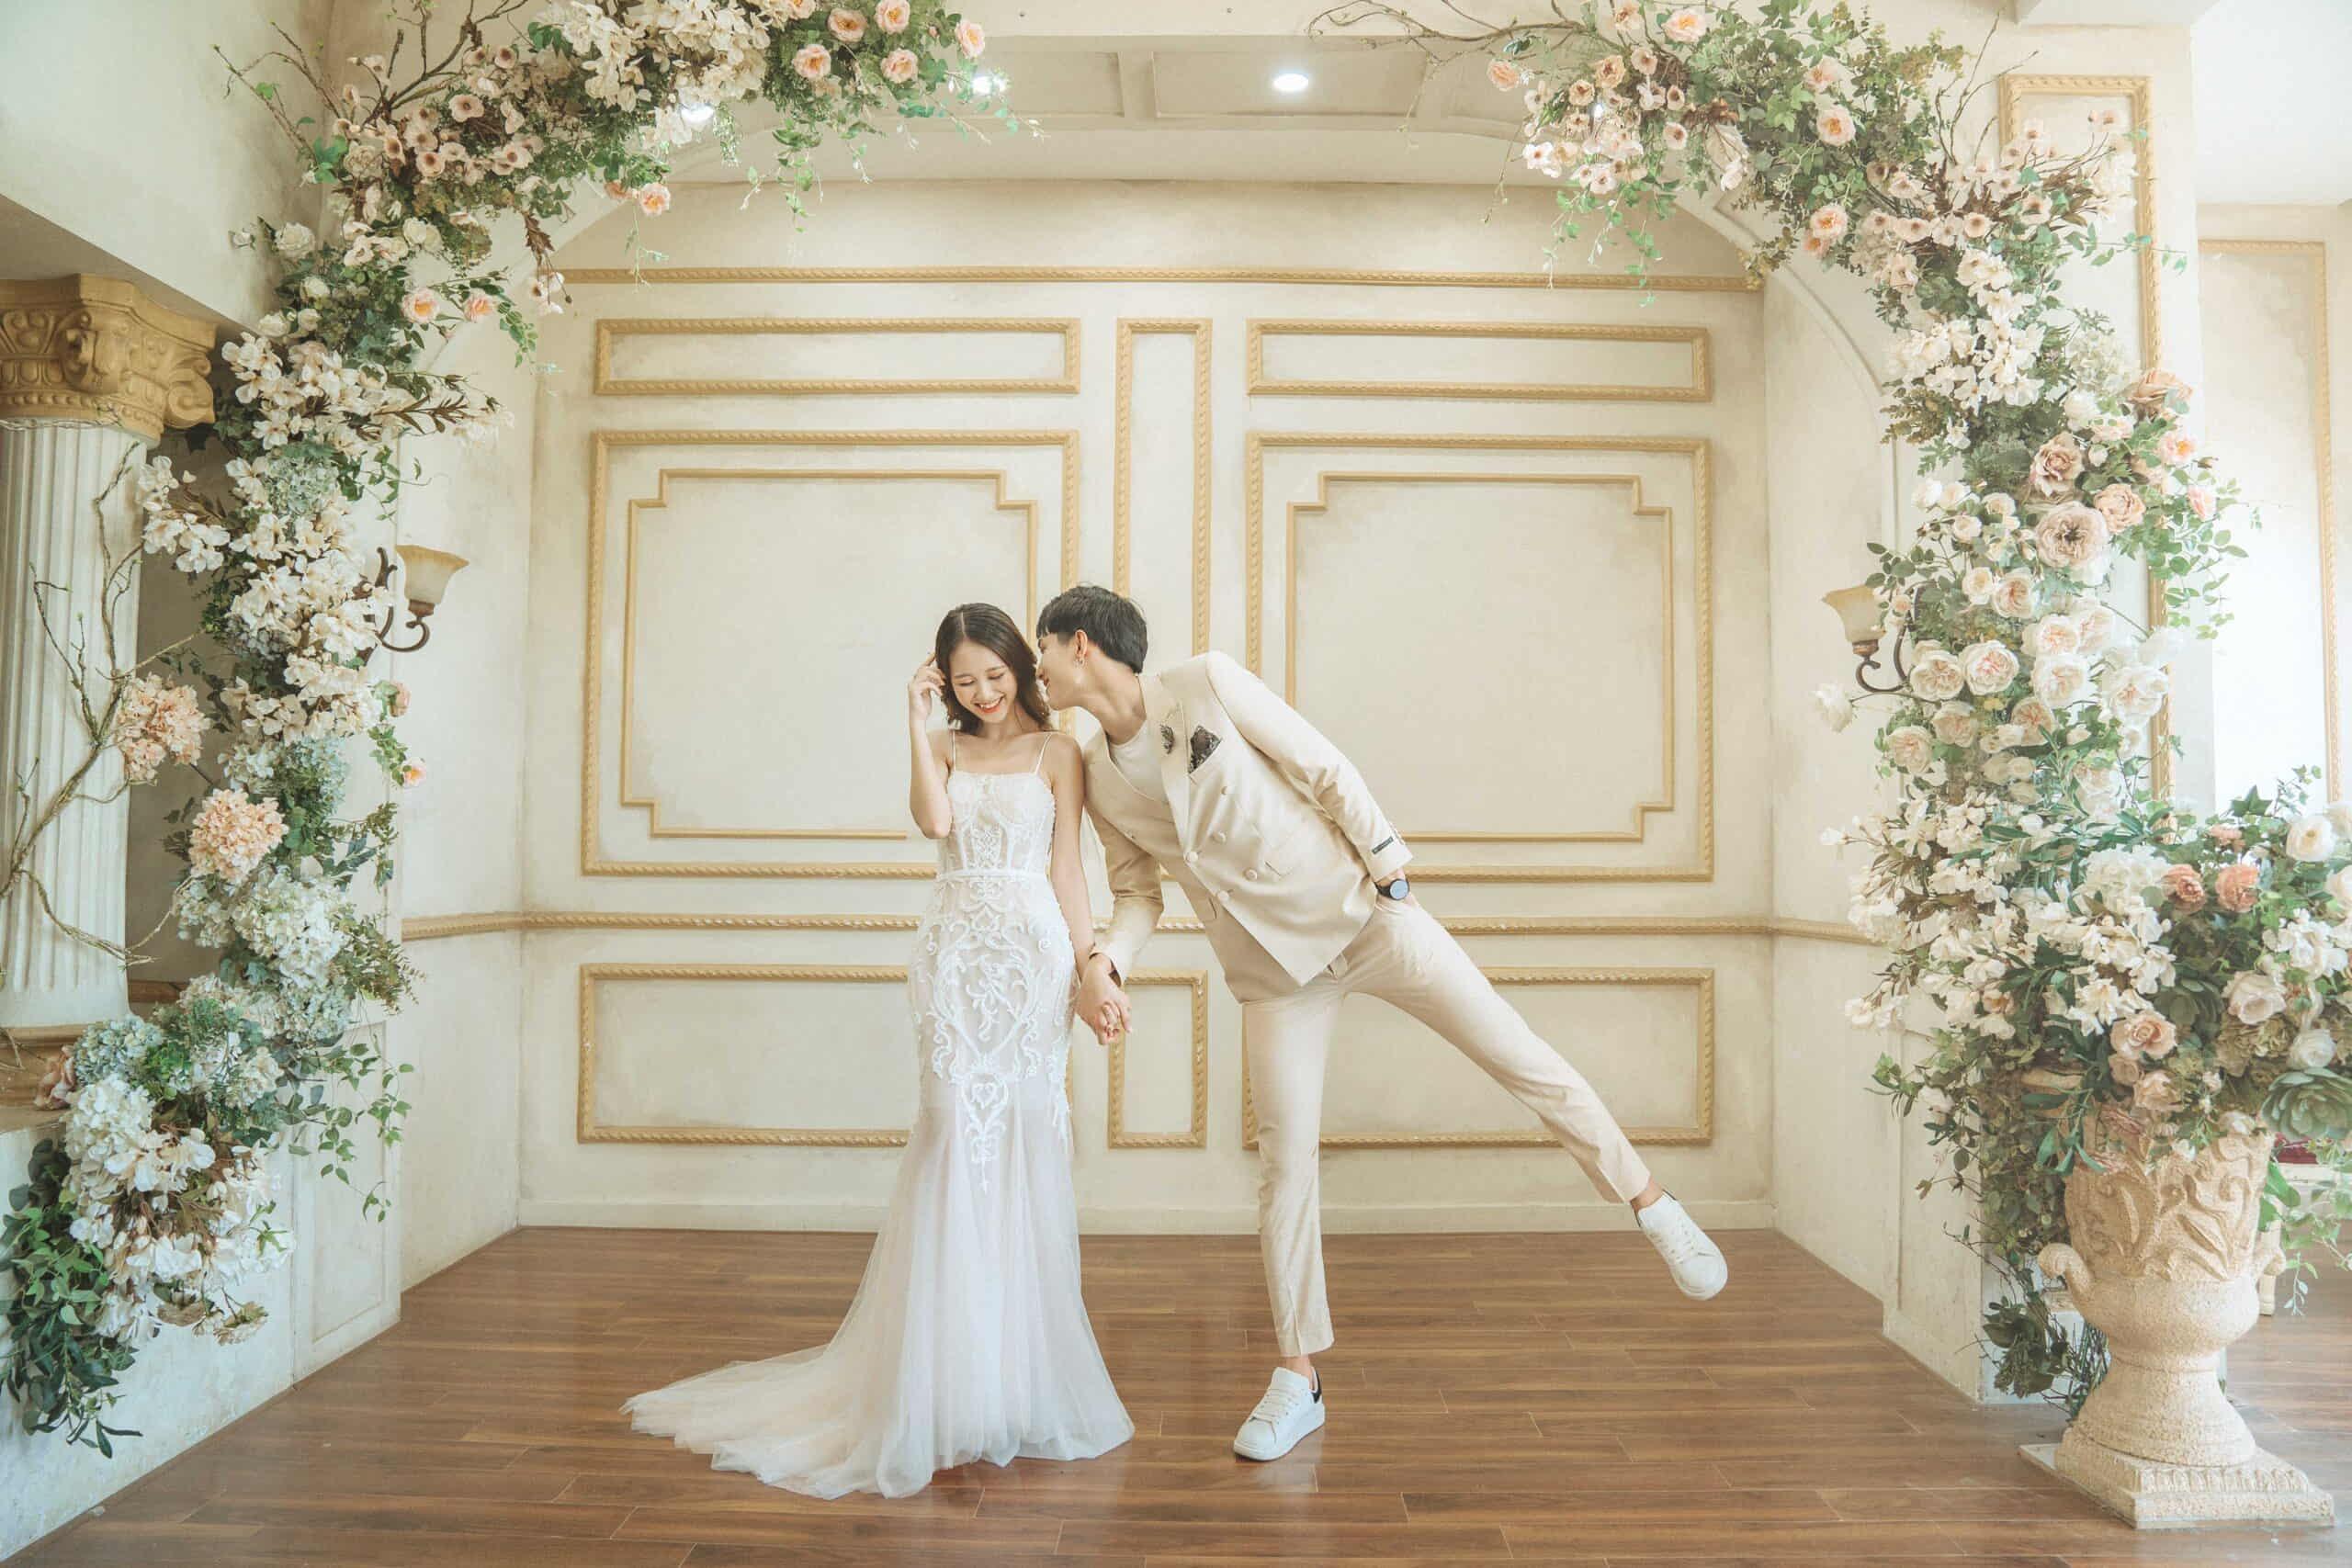 phim trường chụp ảnh cưới tại Hà Nội